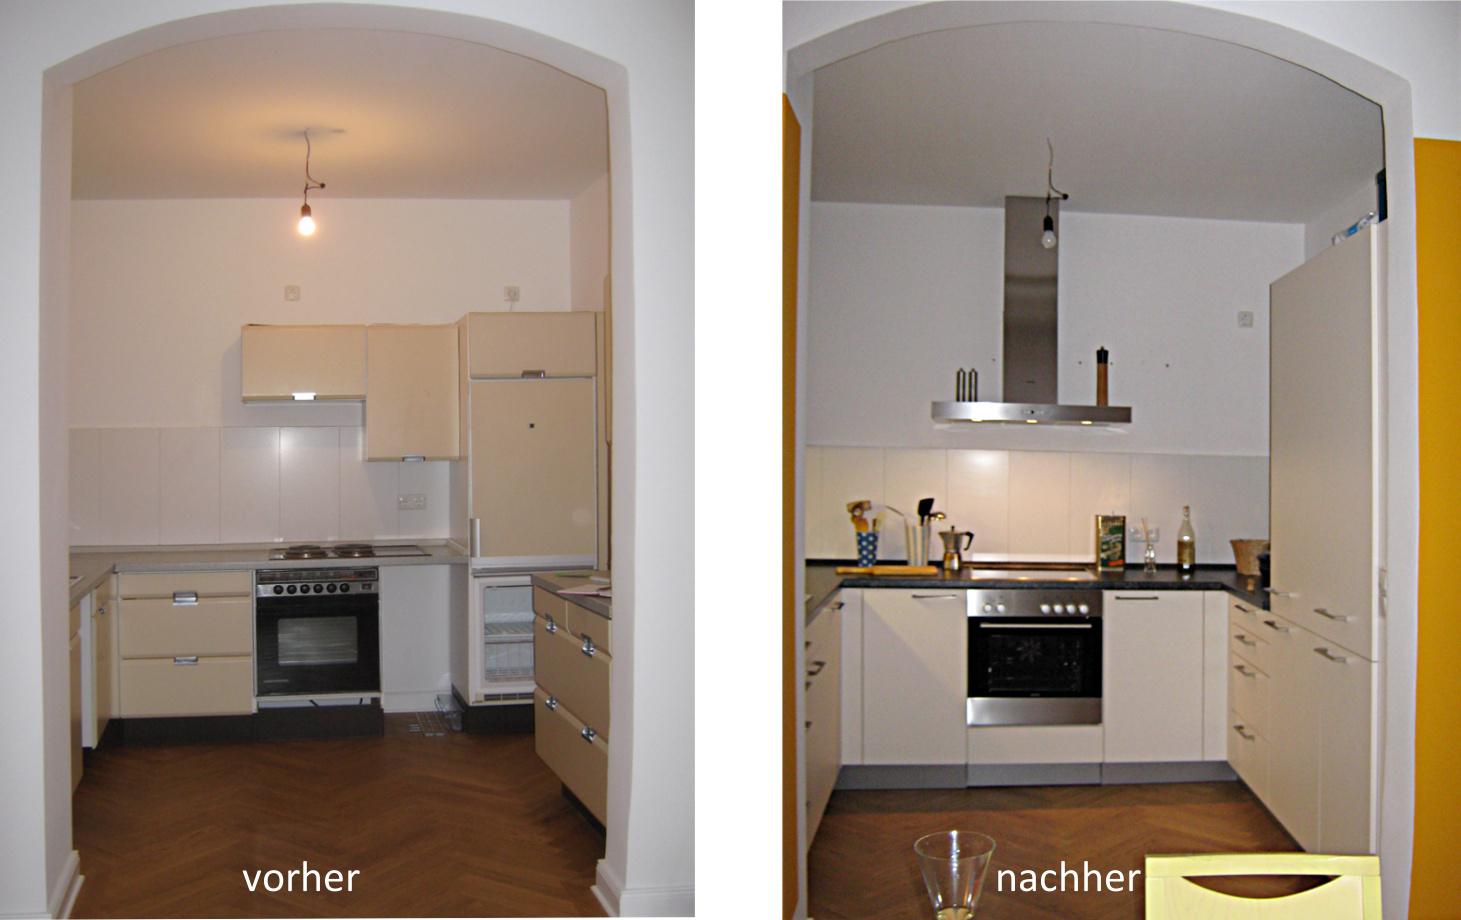 Küchenplanung | Fotos vorher - nachher